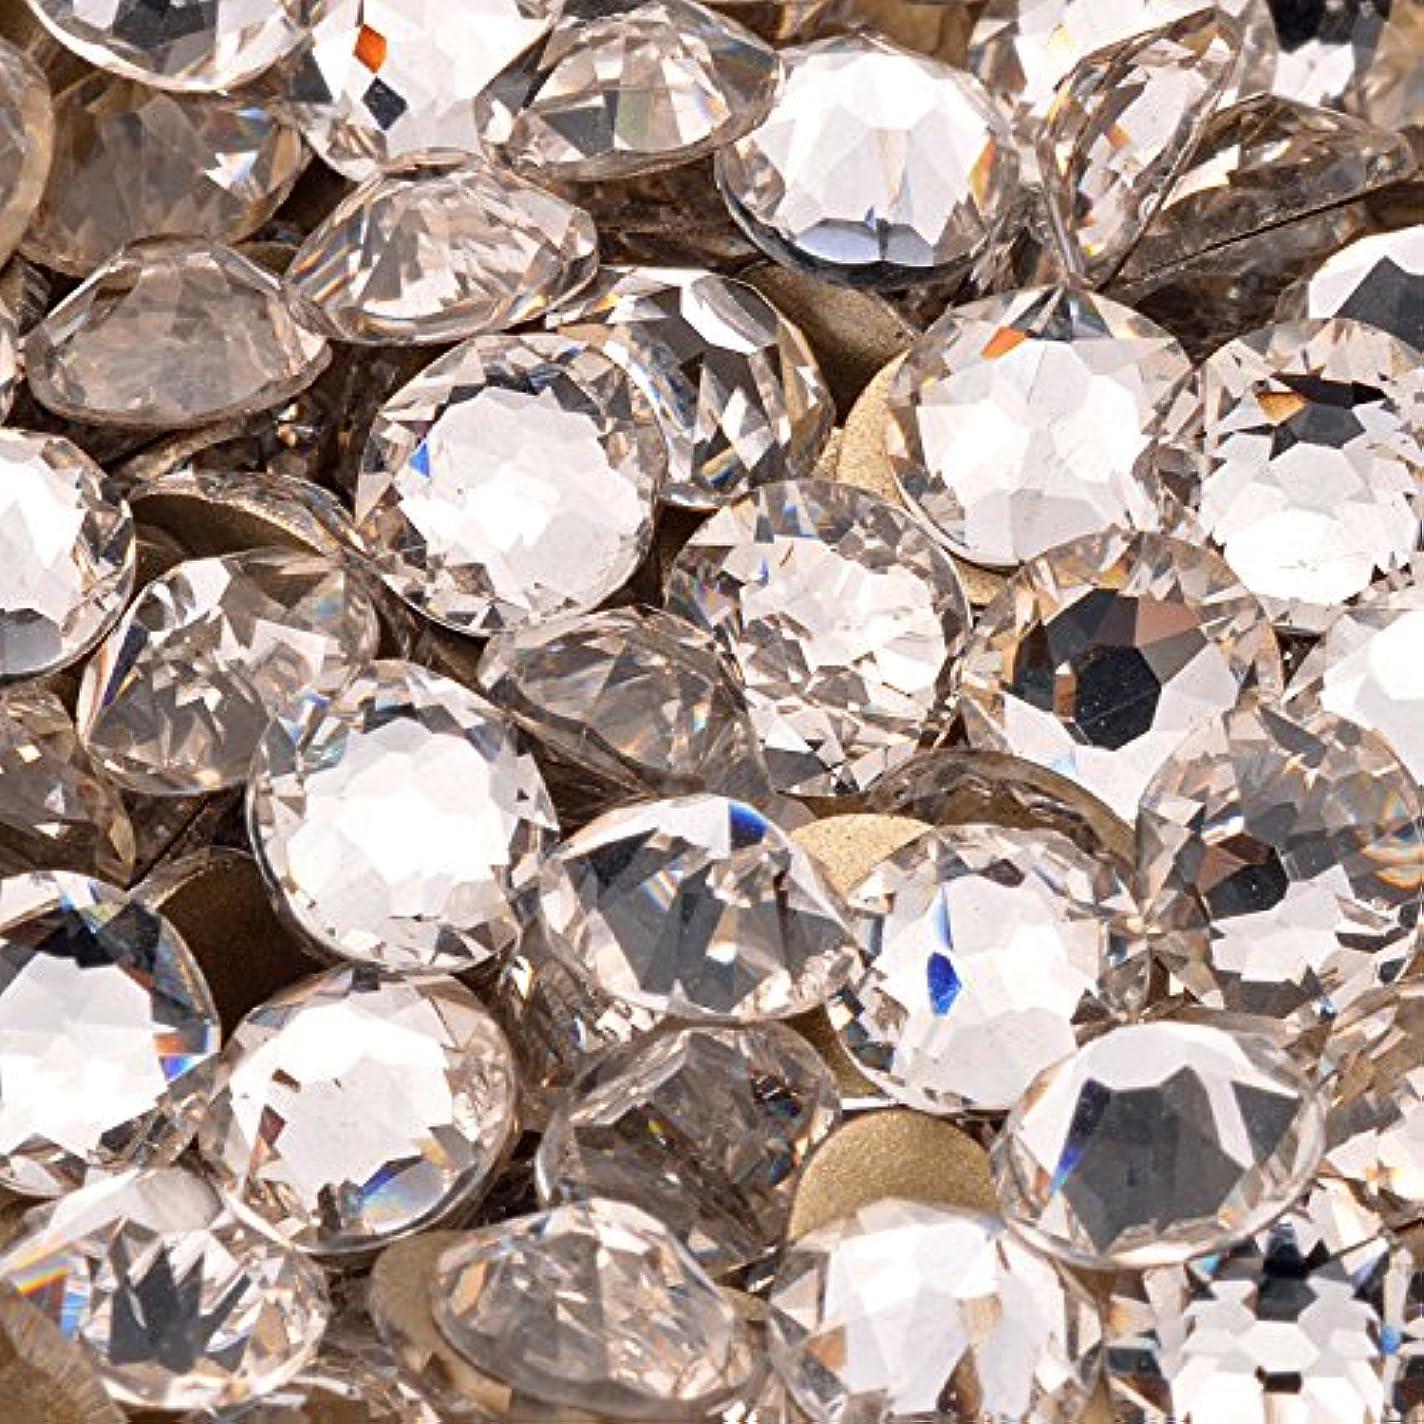 不可能な征服者噂スワロフスキー代用 新改良 最高品質 ガラスストーン クリア SS20 SS16 SS12 10グロス(約1440粒) (SS16/最高品質クリスタル/1440粒)